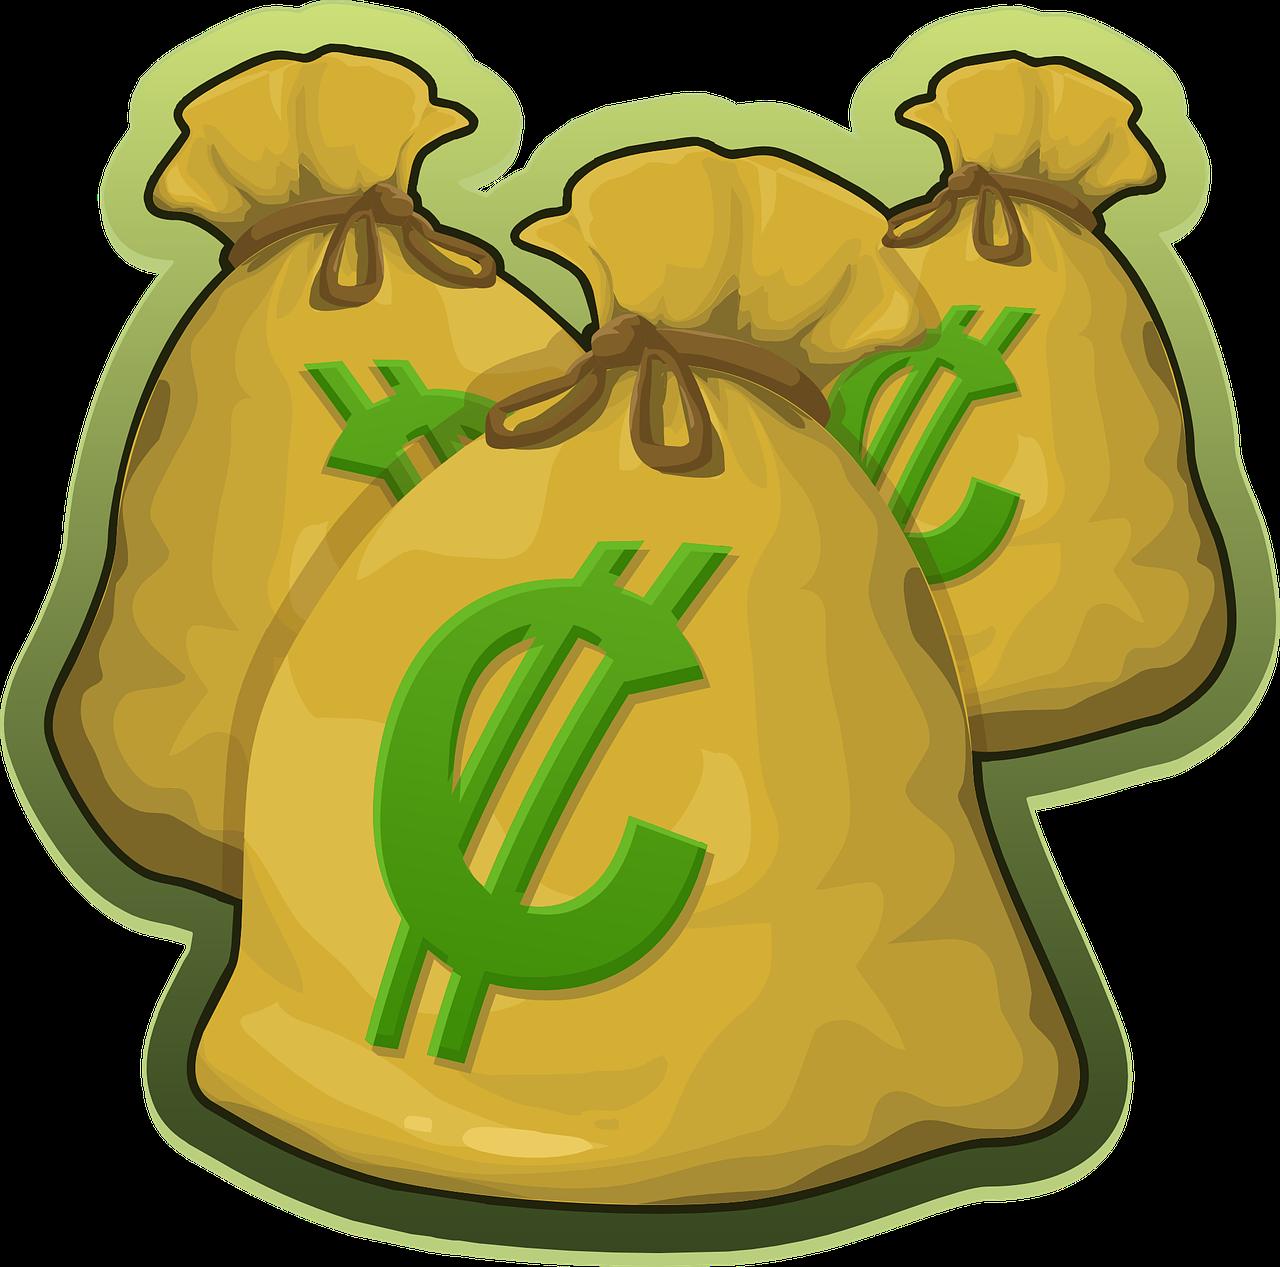 Clipart shirt yellow bag. Money t clip art